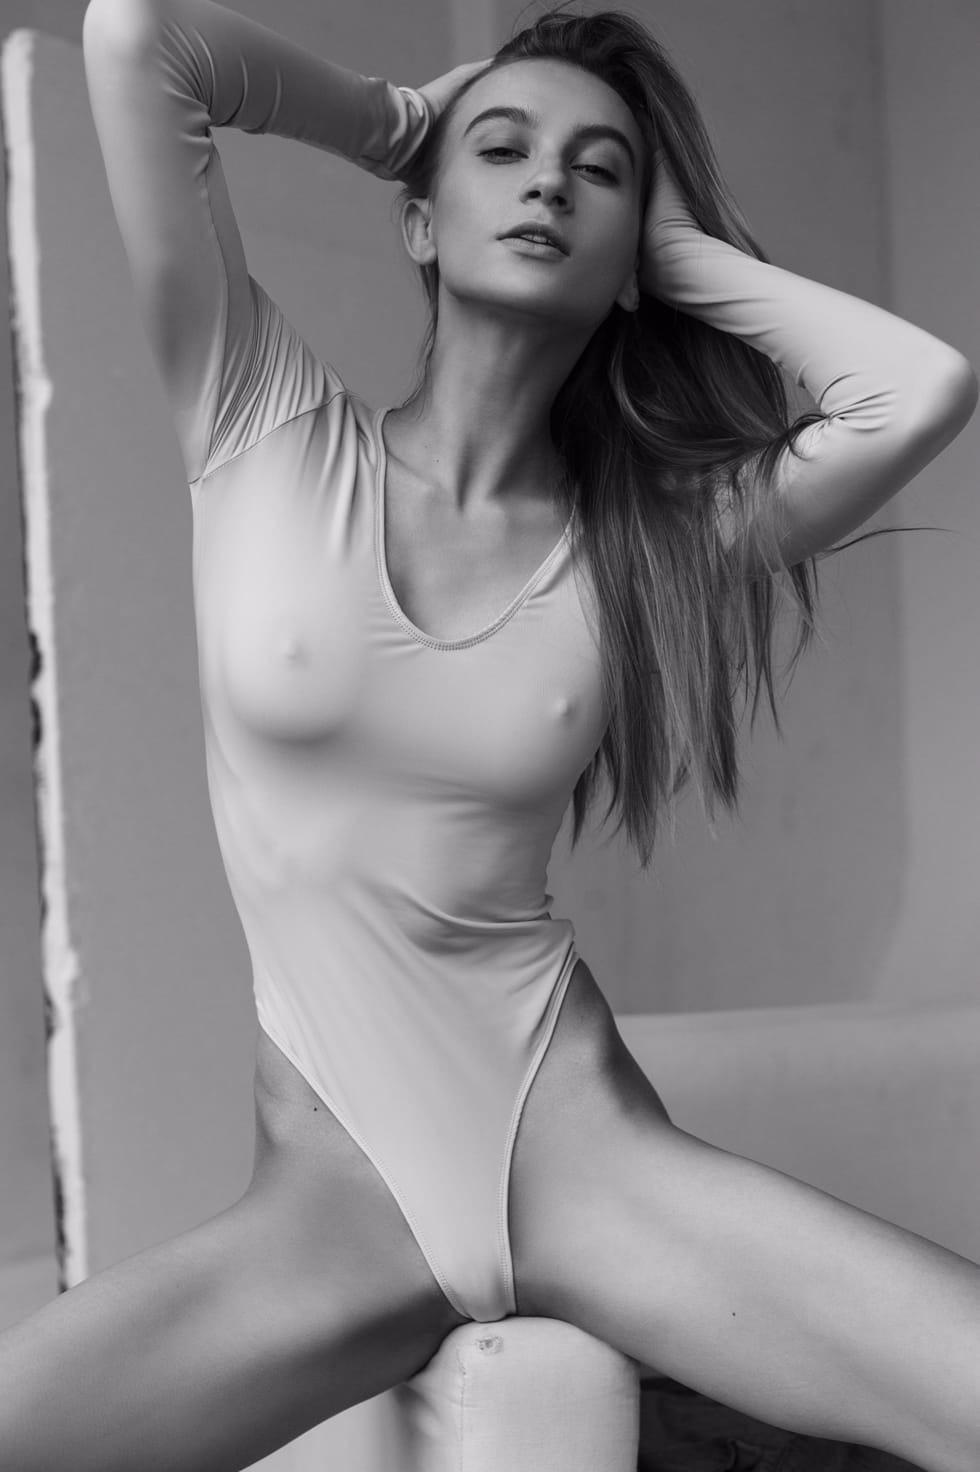 Ekaterina Ovchukhova by Yura Ionov